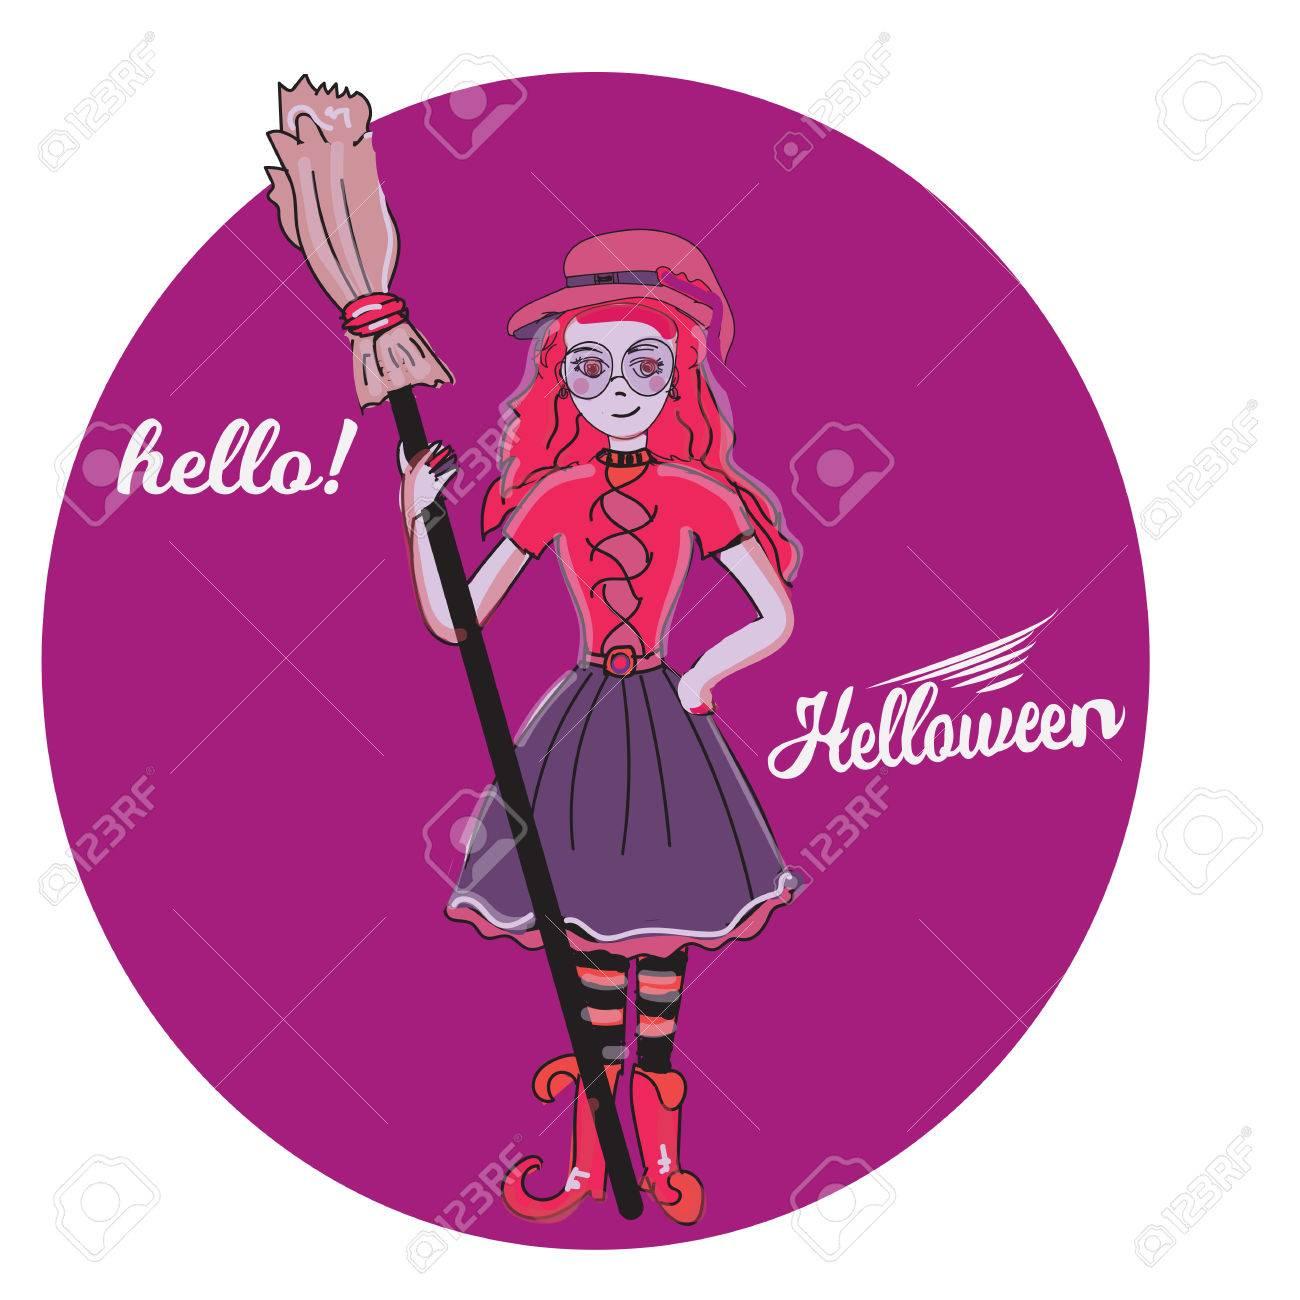 Mignonne Petite Sorcière Dessin Animé Magie Halloween Jeune Fille Chapeau De Costume De Caractère Illustration Vectorielle